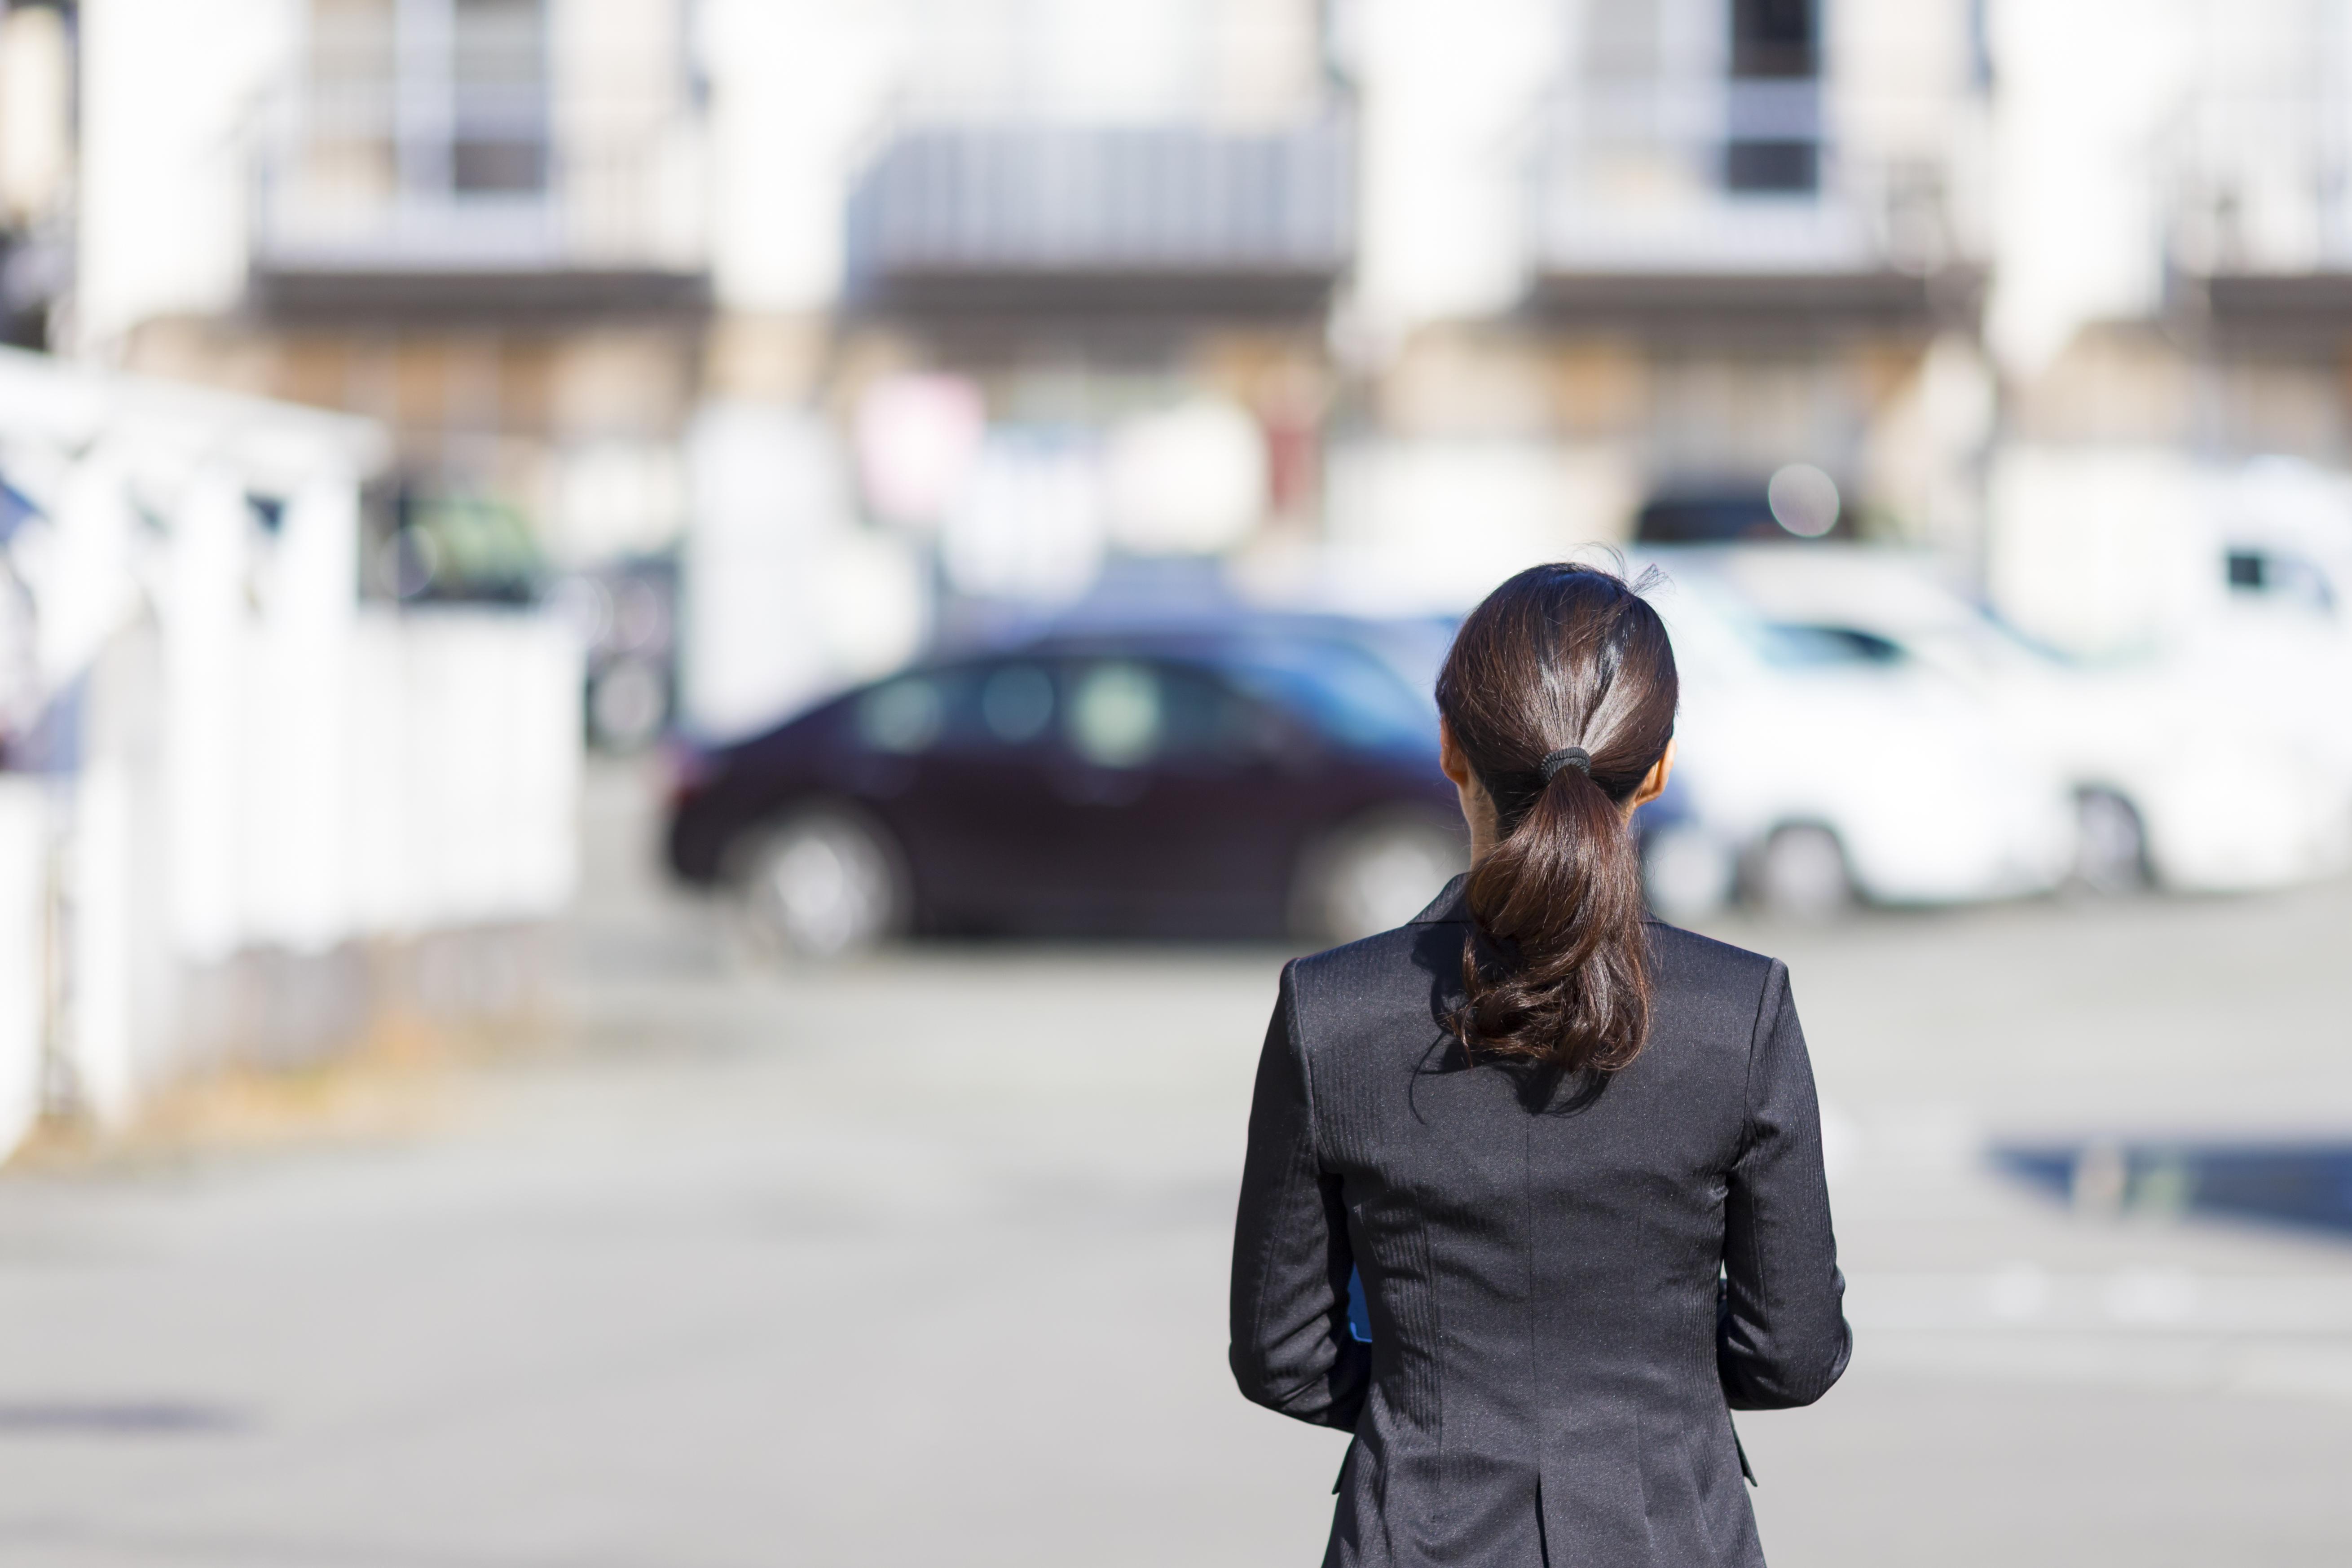 正社員からパートやアルバイトへ仕事を変えるメリット・デメリット、後悔しない為によく検討を